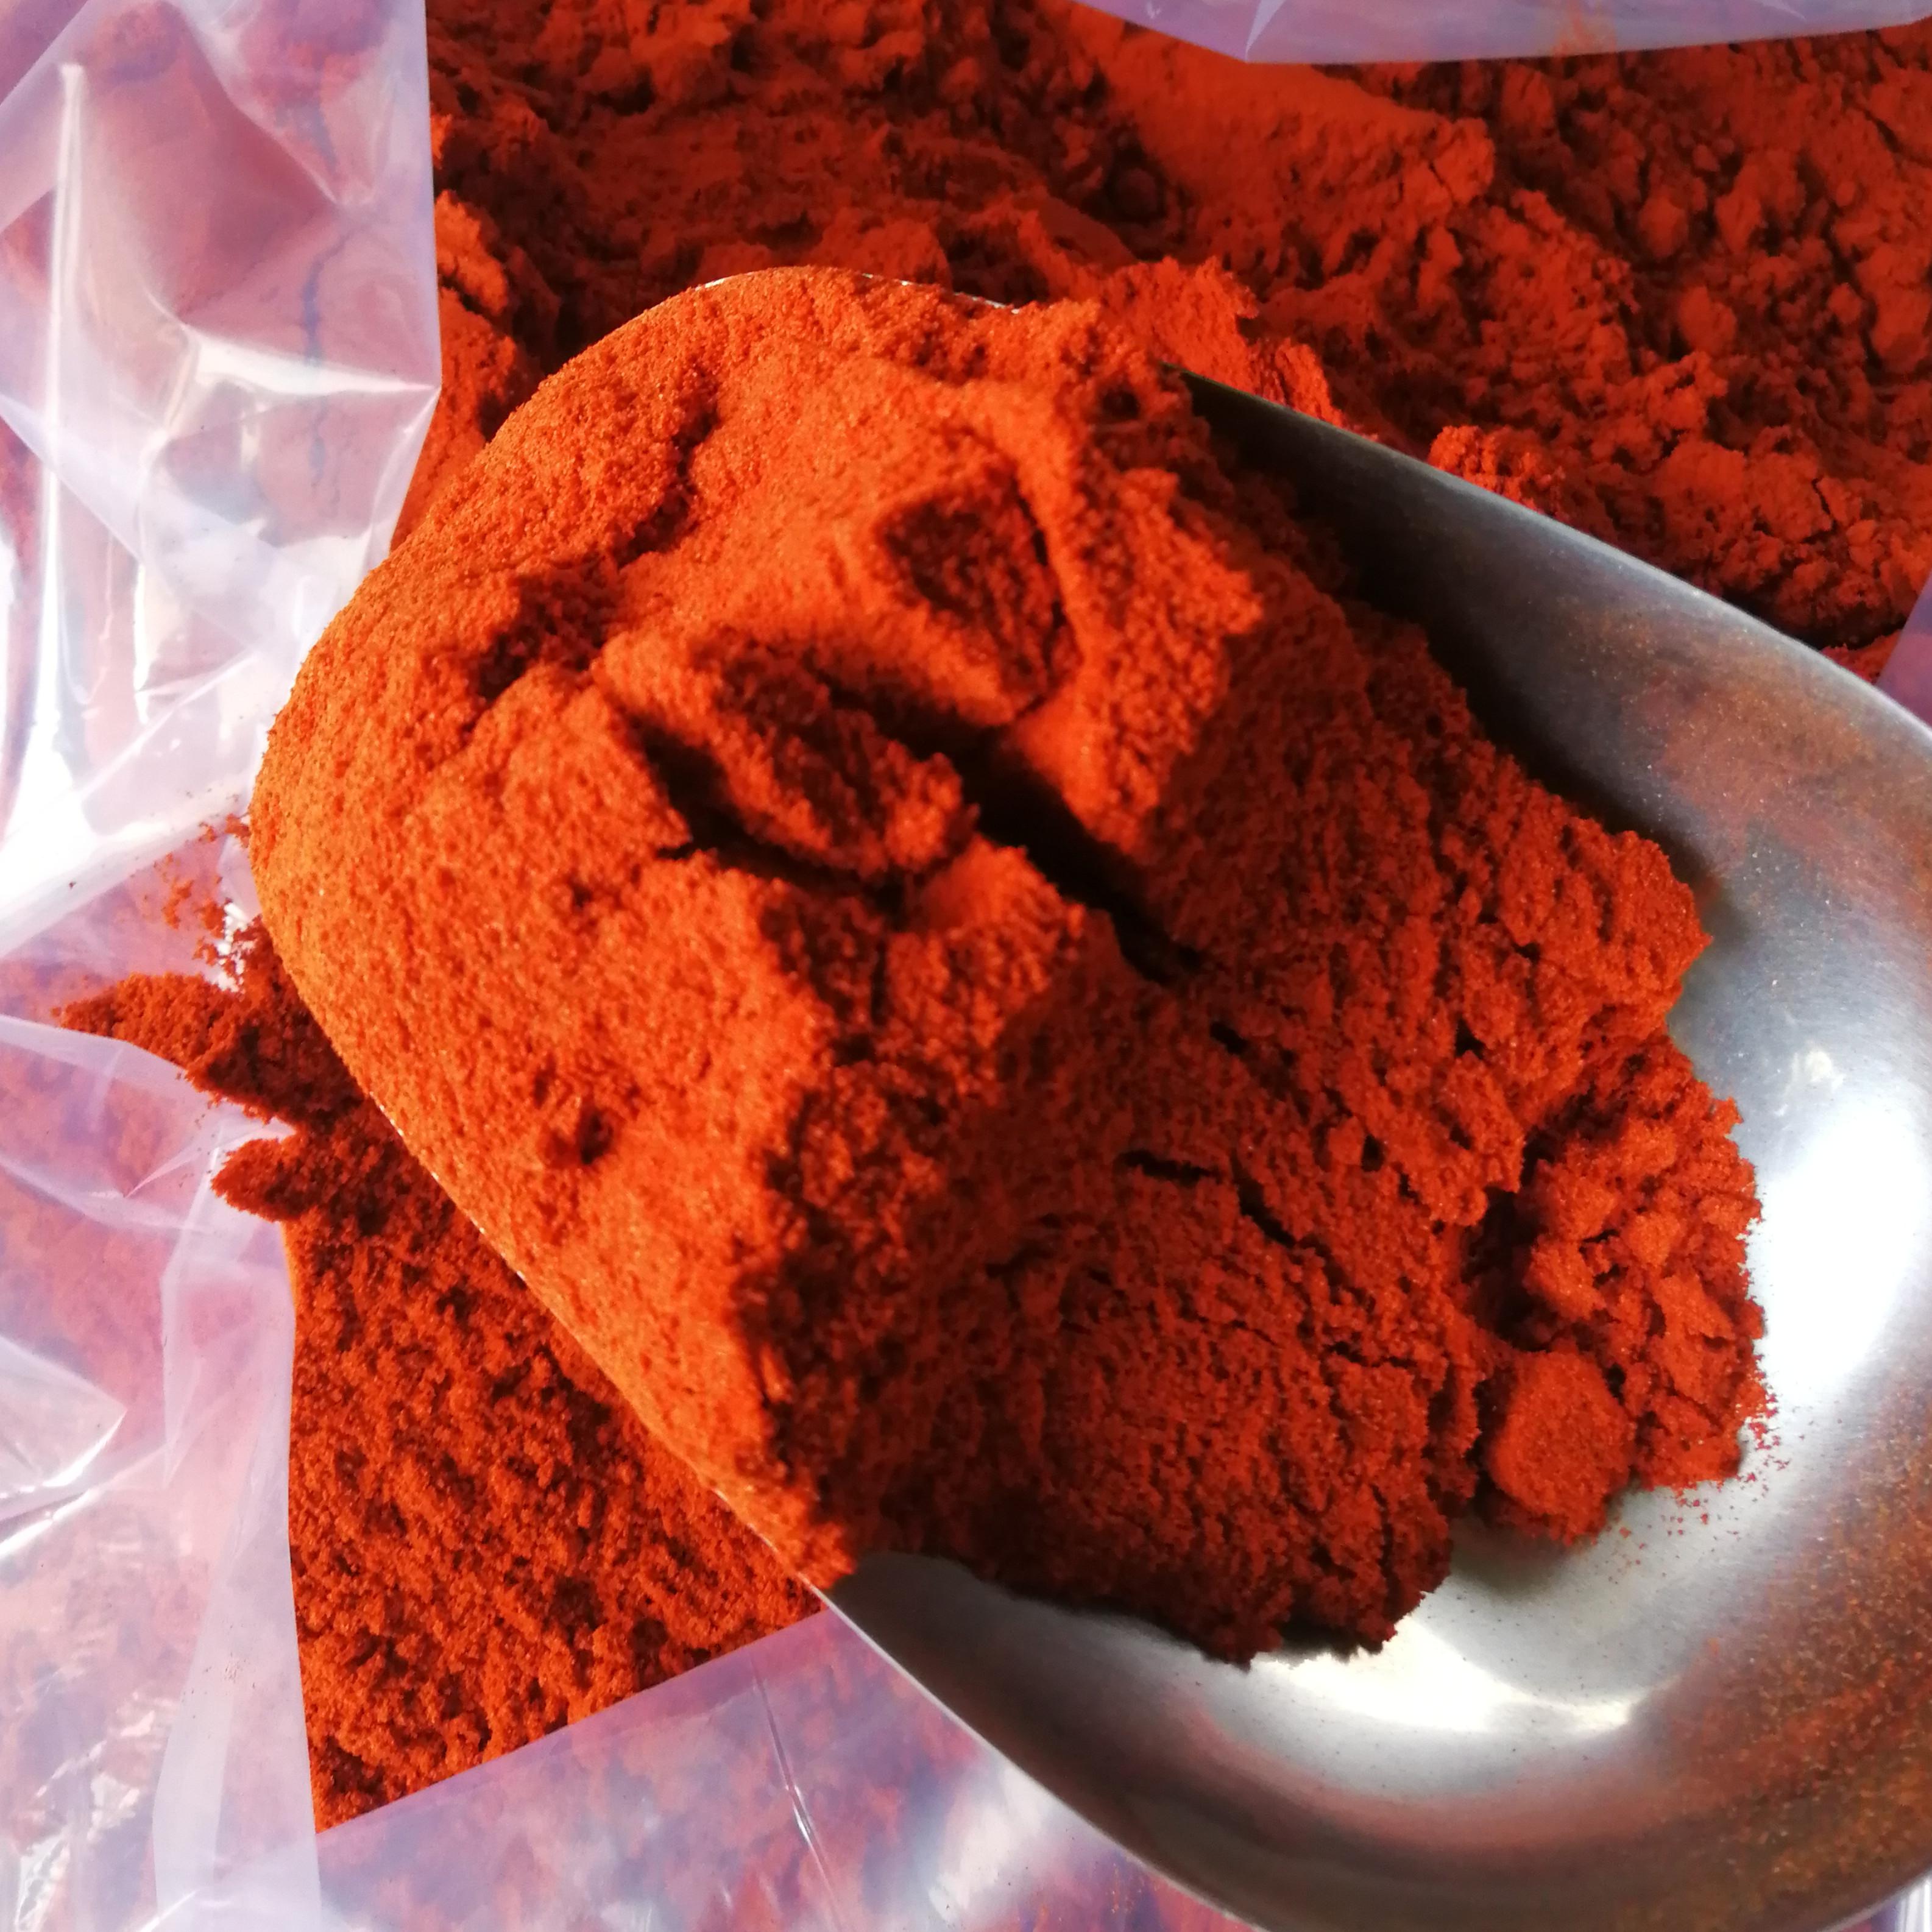 China Manfucturer Supplier Terbaik Menawarkan 100% Murni Alam Kualitas Kering Pedas Bawang Merah Ke Inggris, Amerika Serikat kanada